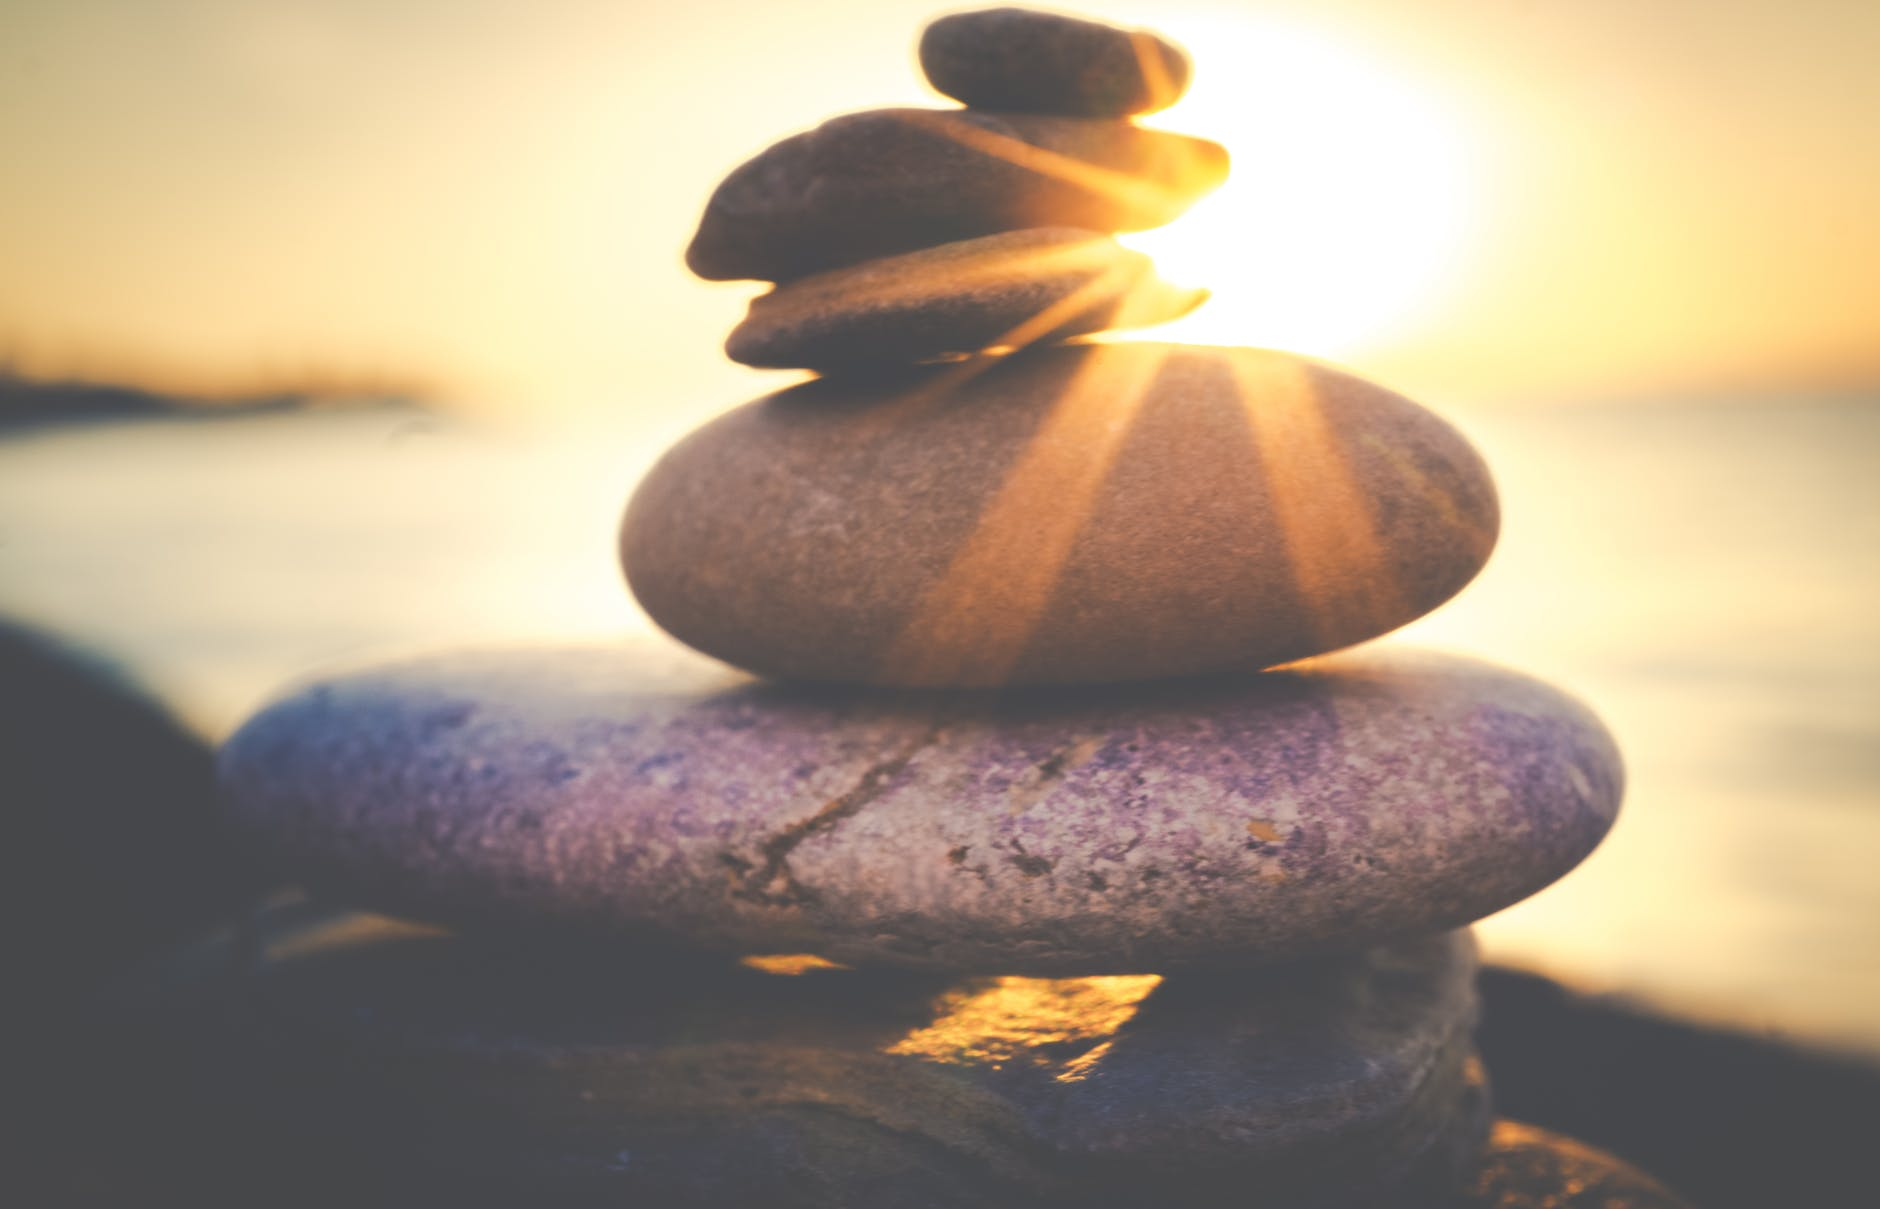 balancing rock formation